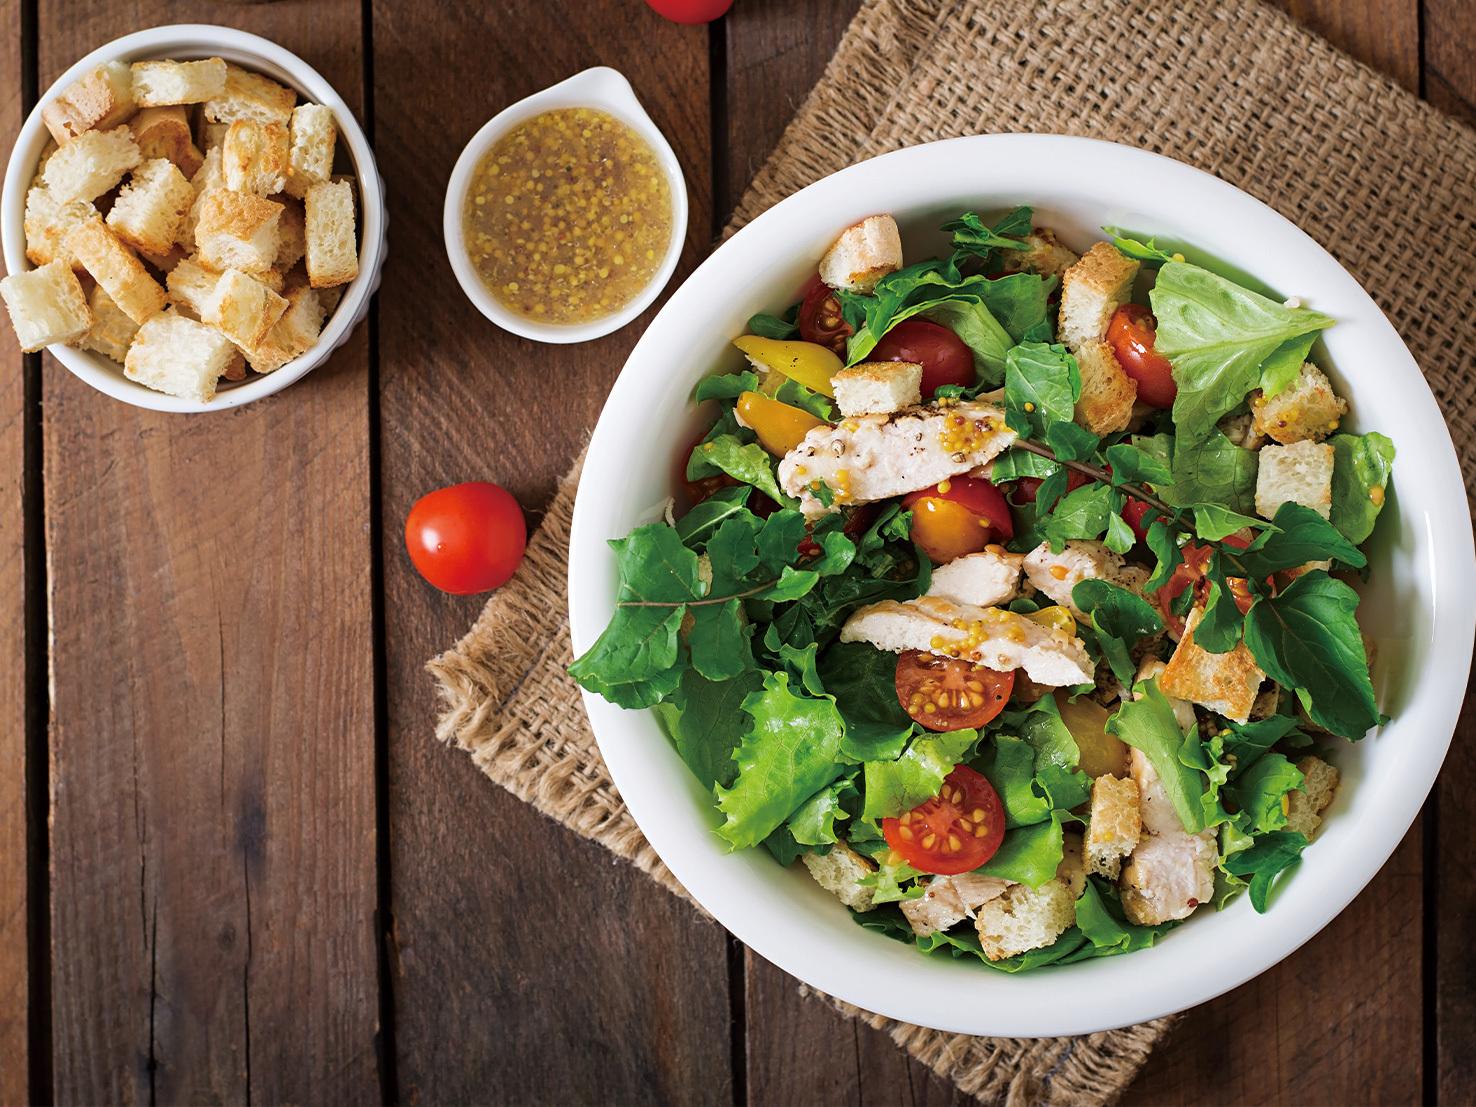 沒有農藥的生菜,放心吃